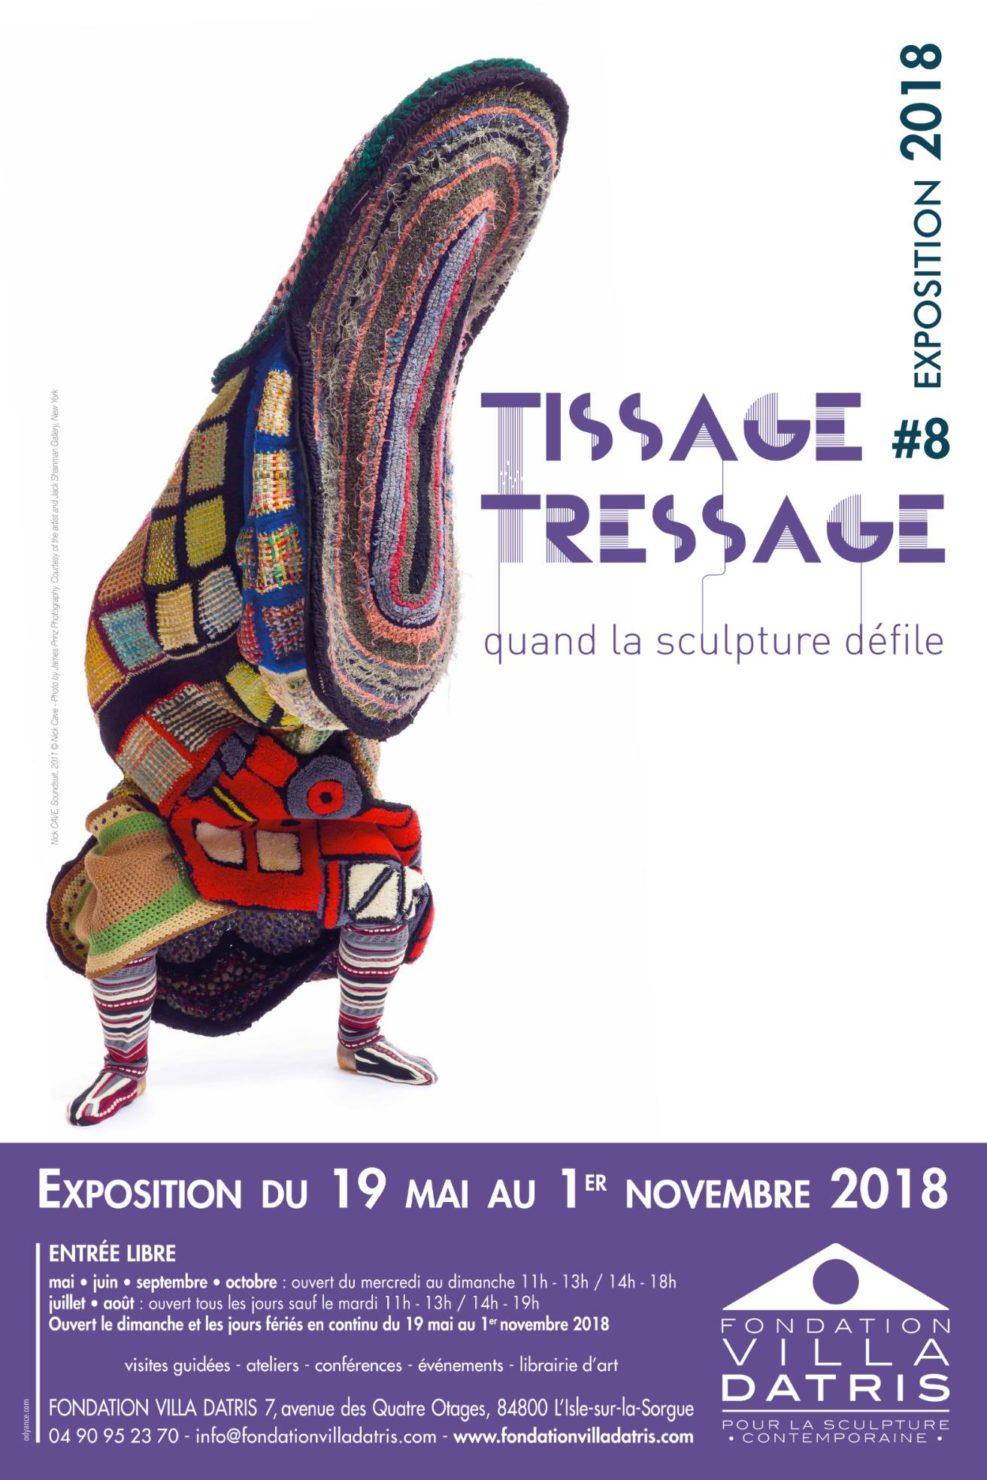 19.05.2018 – 01.11.2018 | TISSAGE TRESSAUGE quand la sculpture défile – FONDATION VILLA DATRIS | L'Isle-sur-la-Sorgue